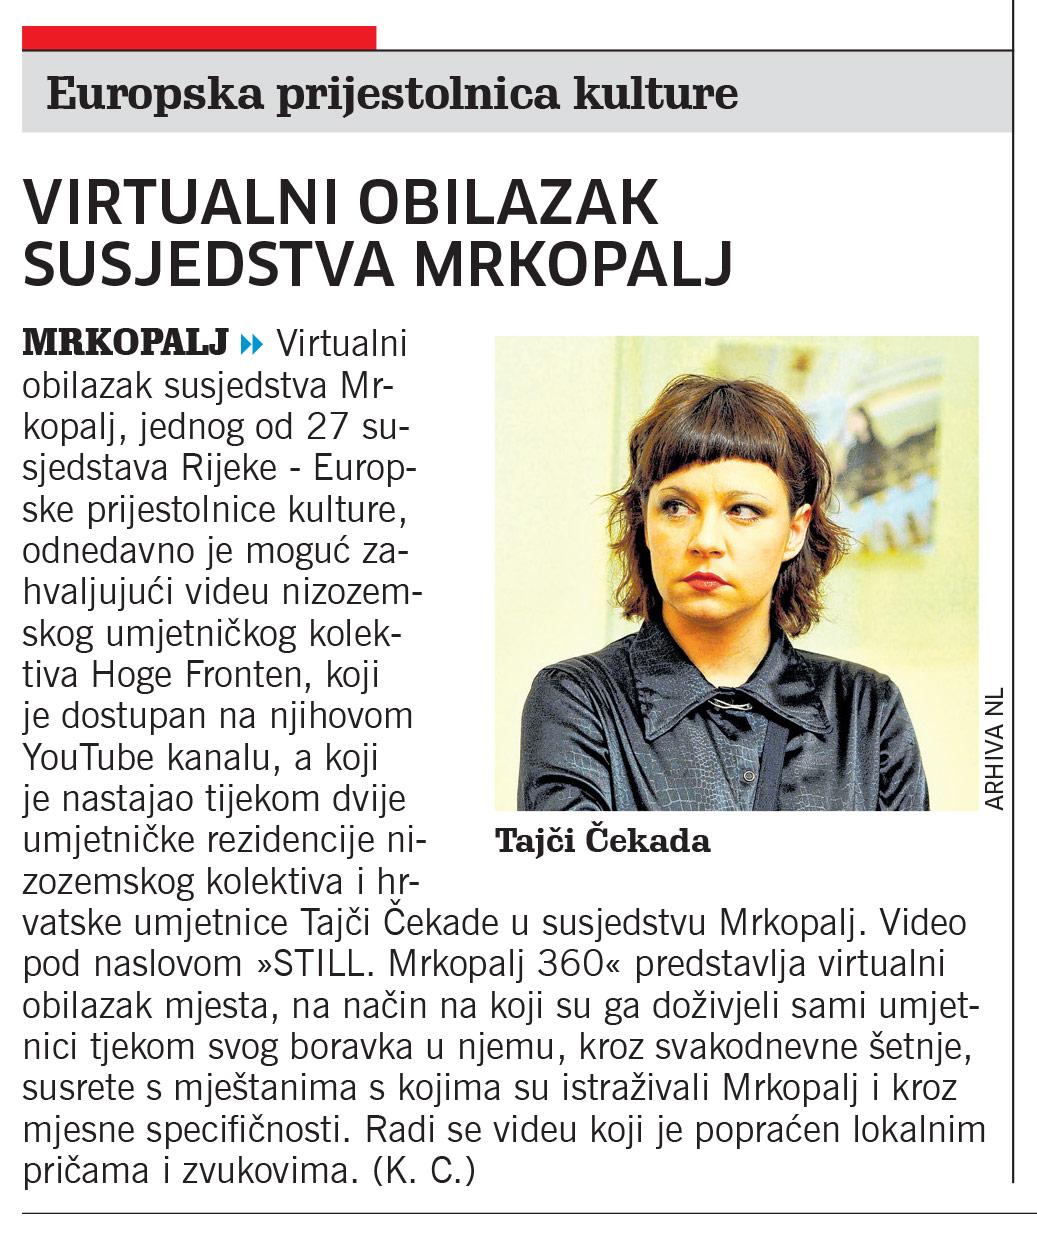 Članak Novi List, Virtualni obilazak susjedstva Mrkopalj